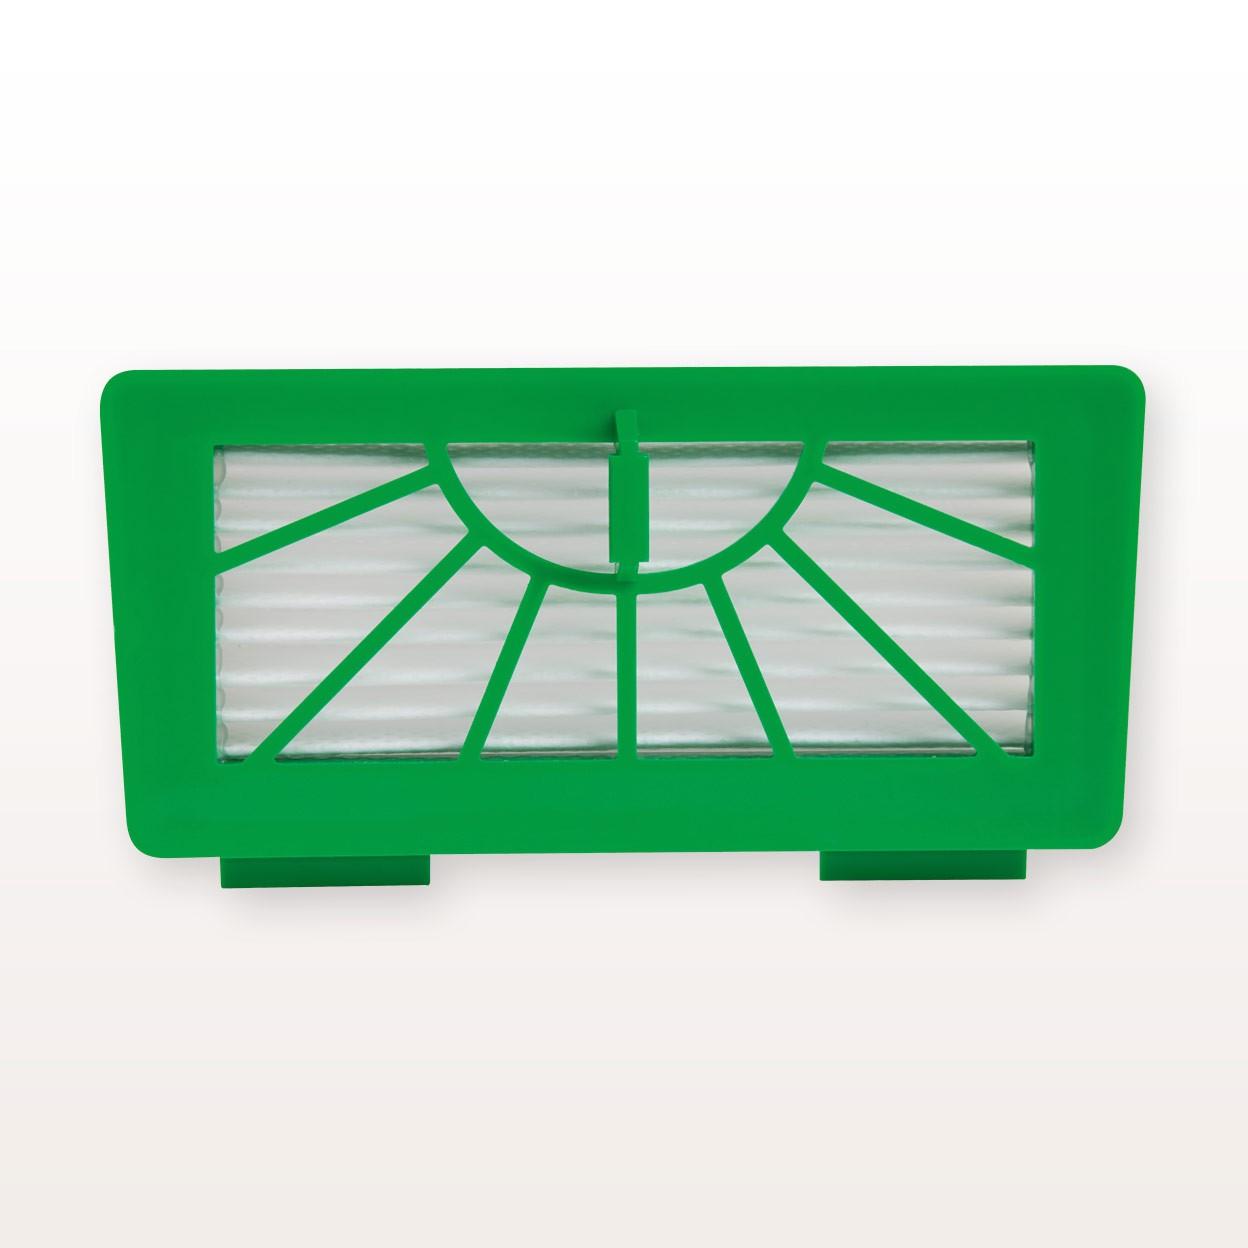 vr100 filter vorwerk vacuum cleaner from vk direct kobold. Black Bedroom Furniture Sets. Home Design Ideas